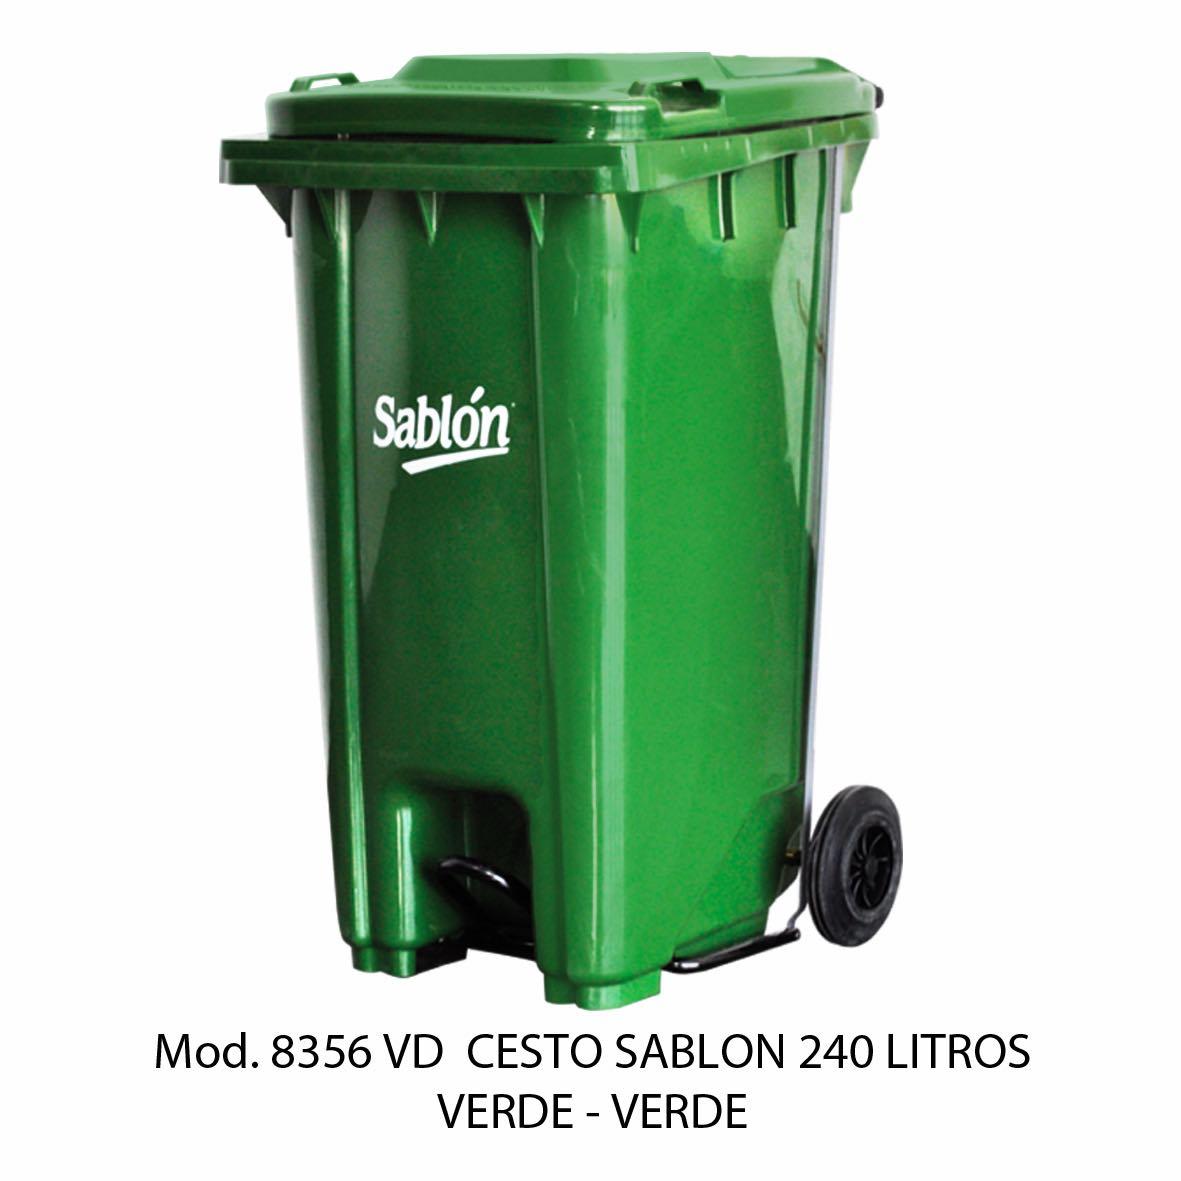 Contenedor de gran capacidad con cuerpo verde y tapa verde - Modelo 8356 VD - Sablón